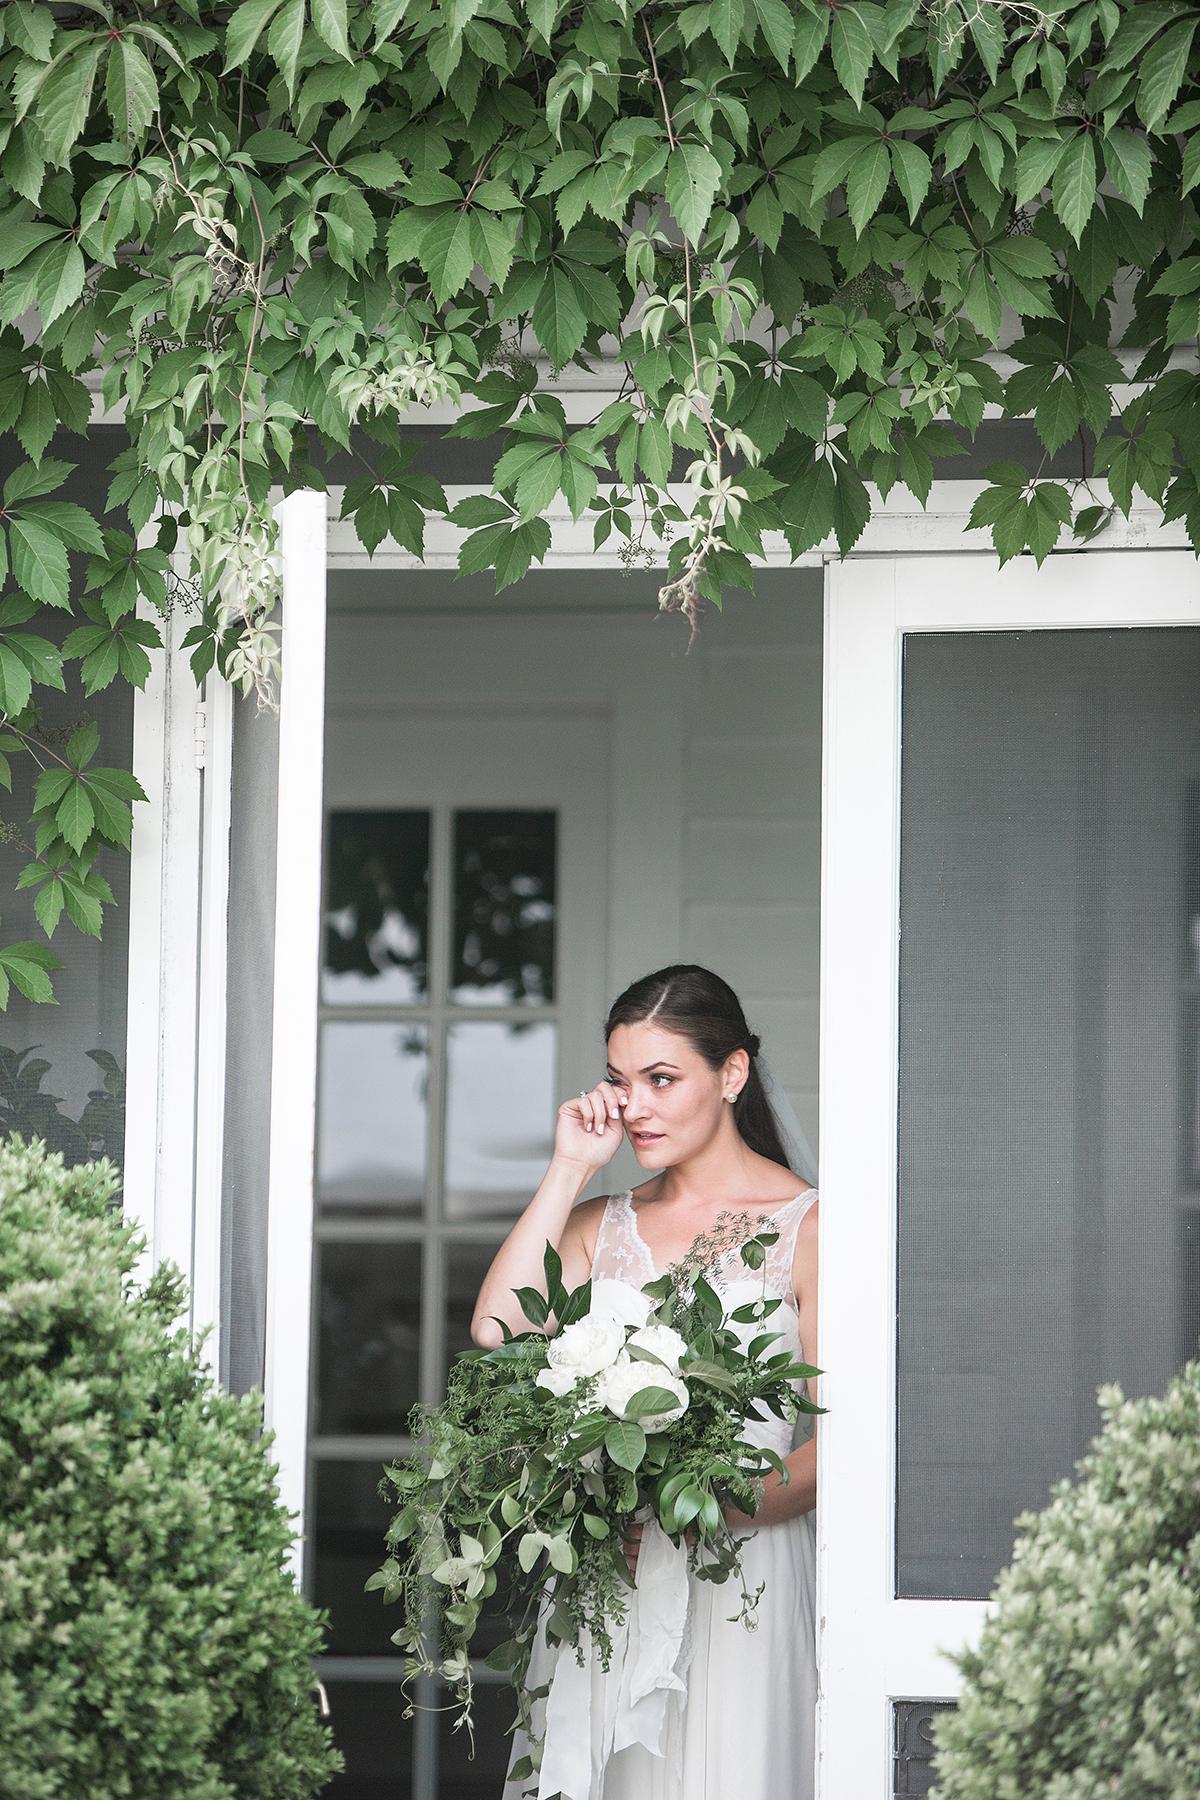 natalie_watson_weddings_1084.jpg